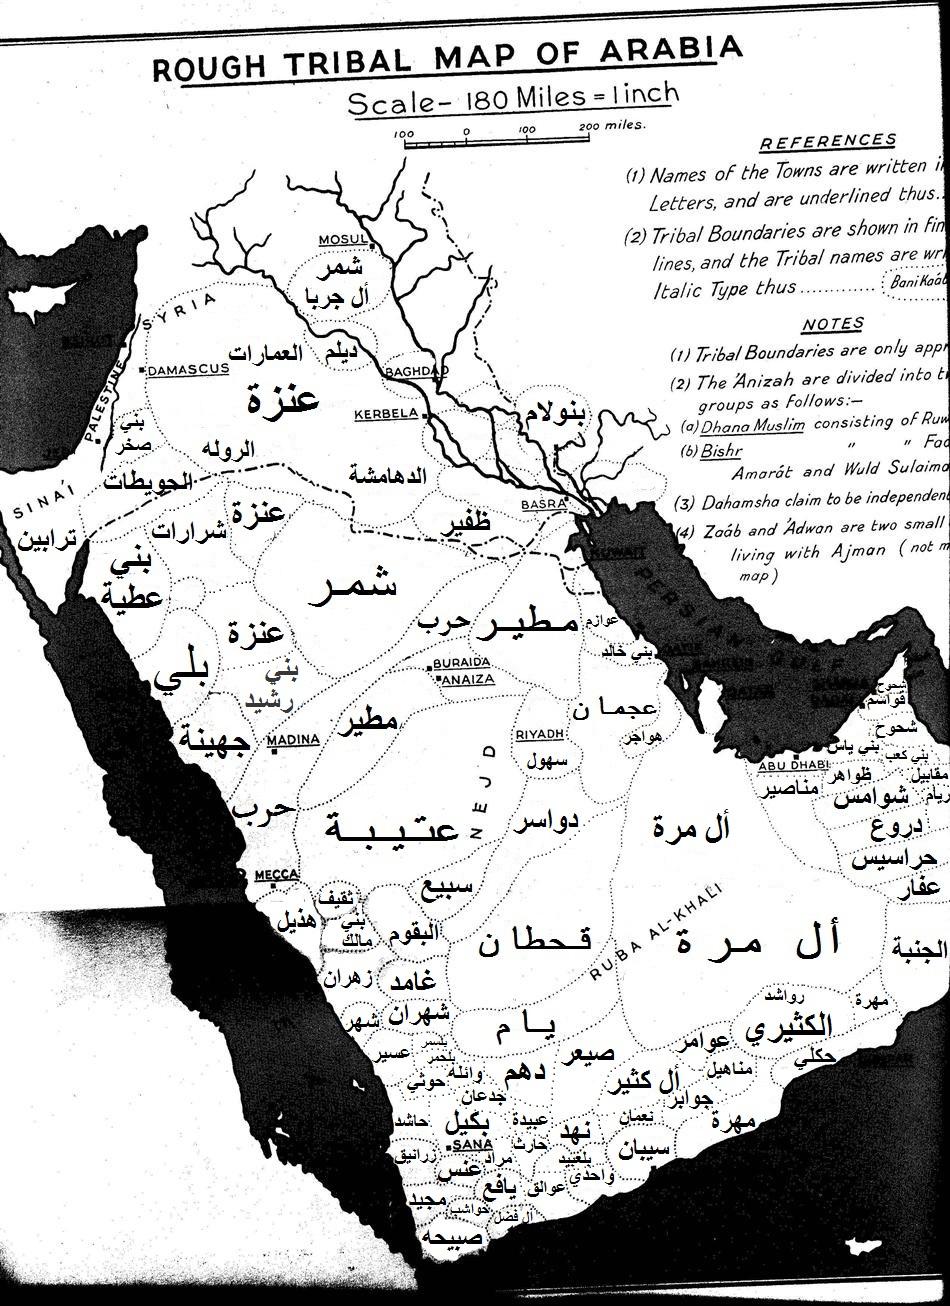 القبائل العدنانية في السعودية